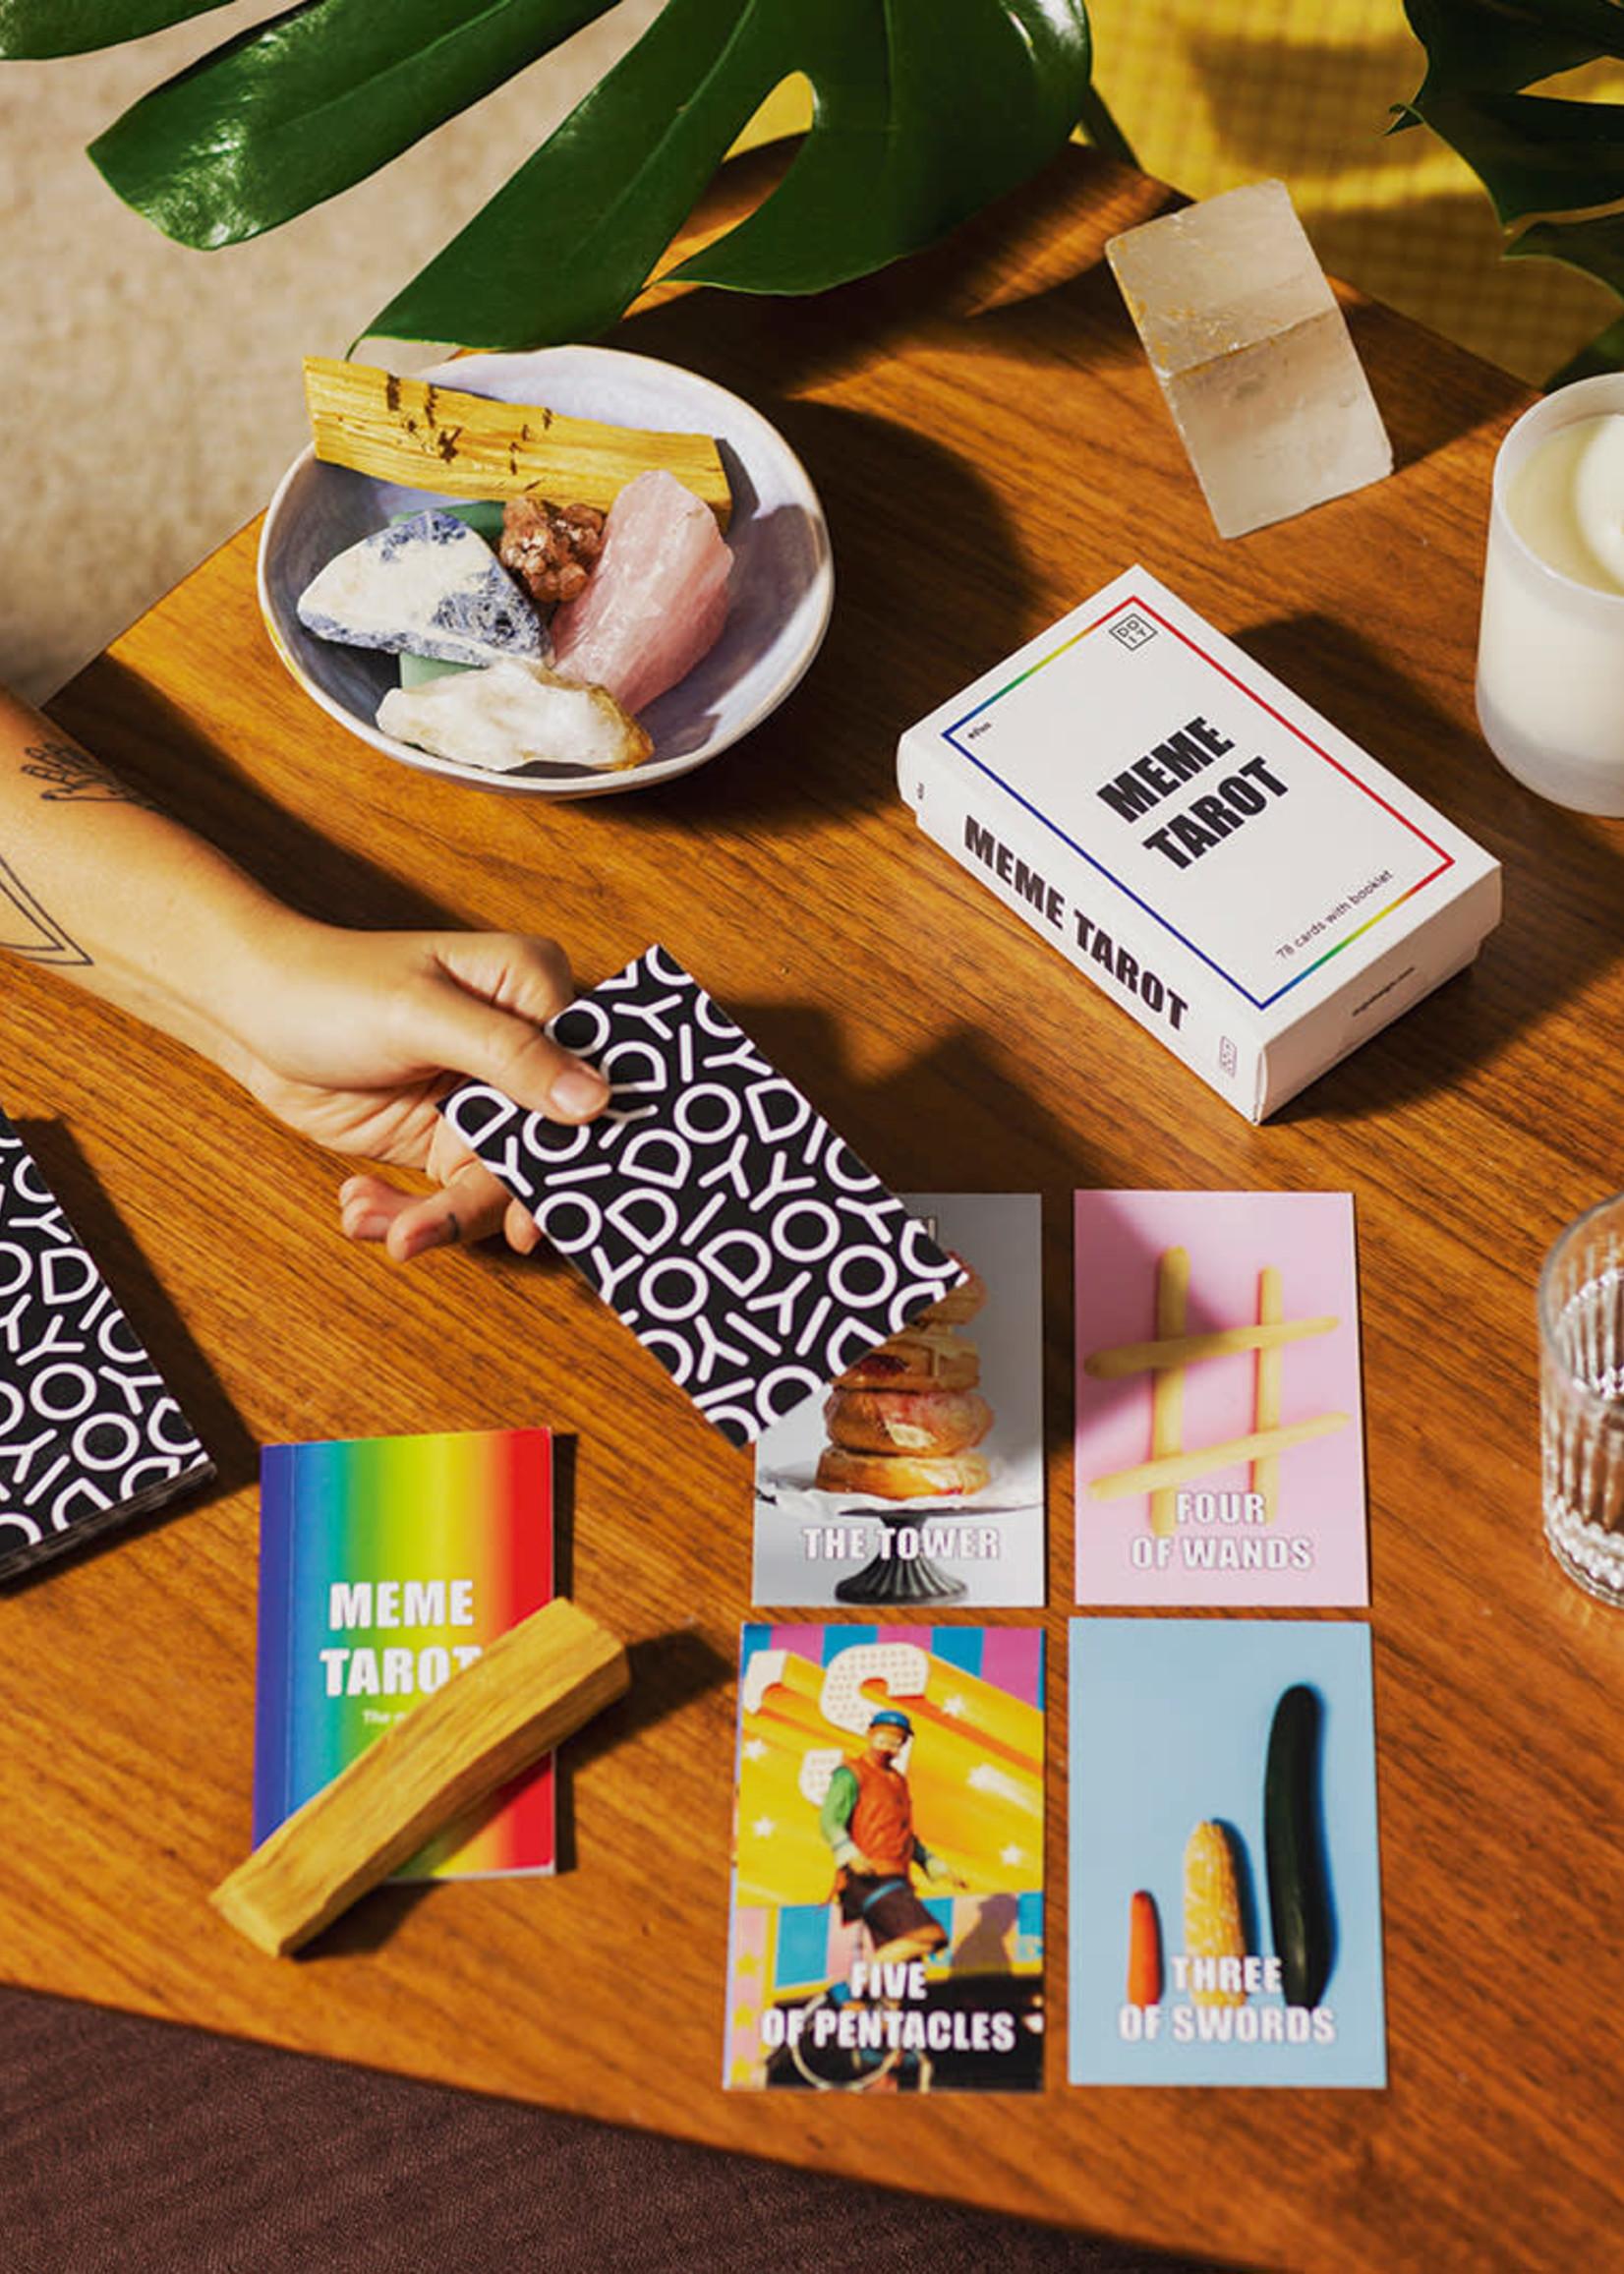 DOIY DOIY MEME TAROT CARDS